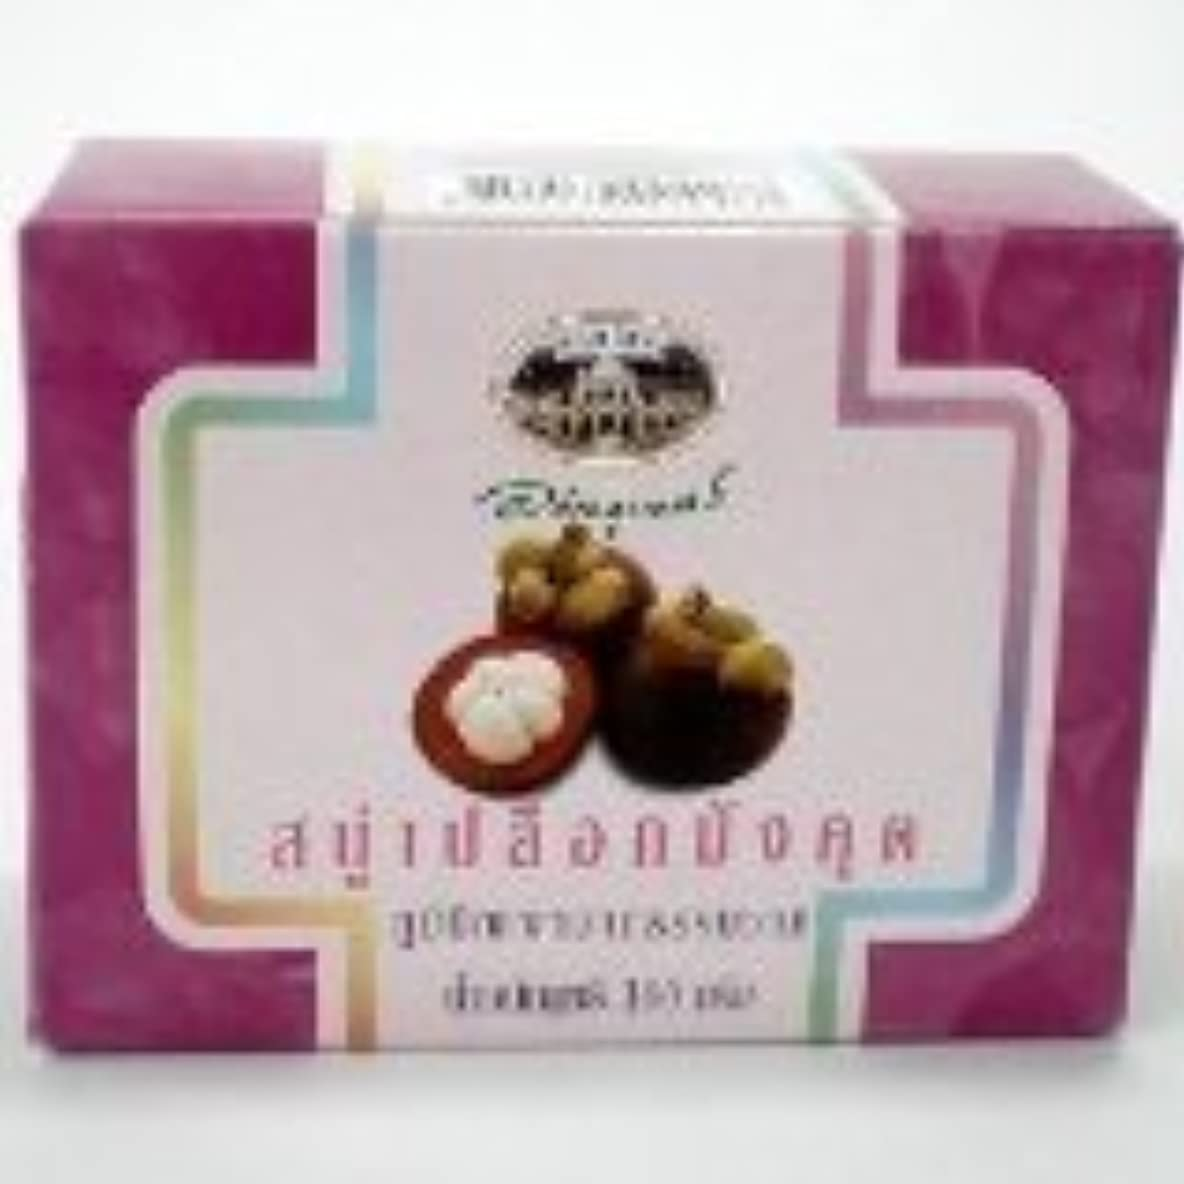 ムスすずめ起点新しいabhabibhubejhr Mangosteen Peel Soap 100 g